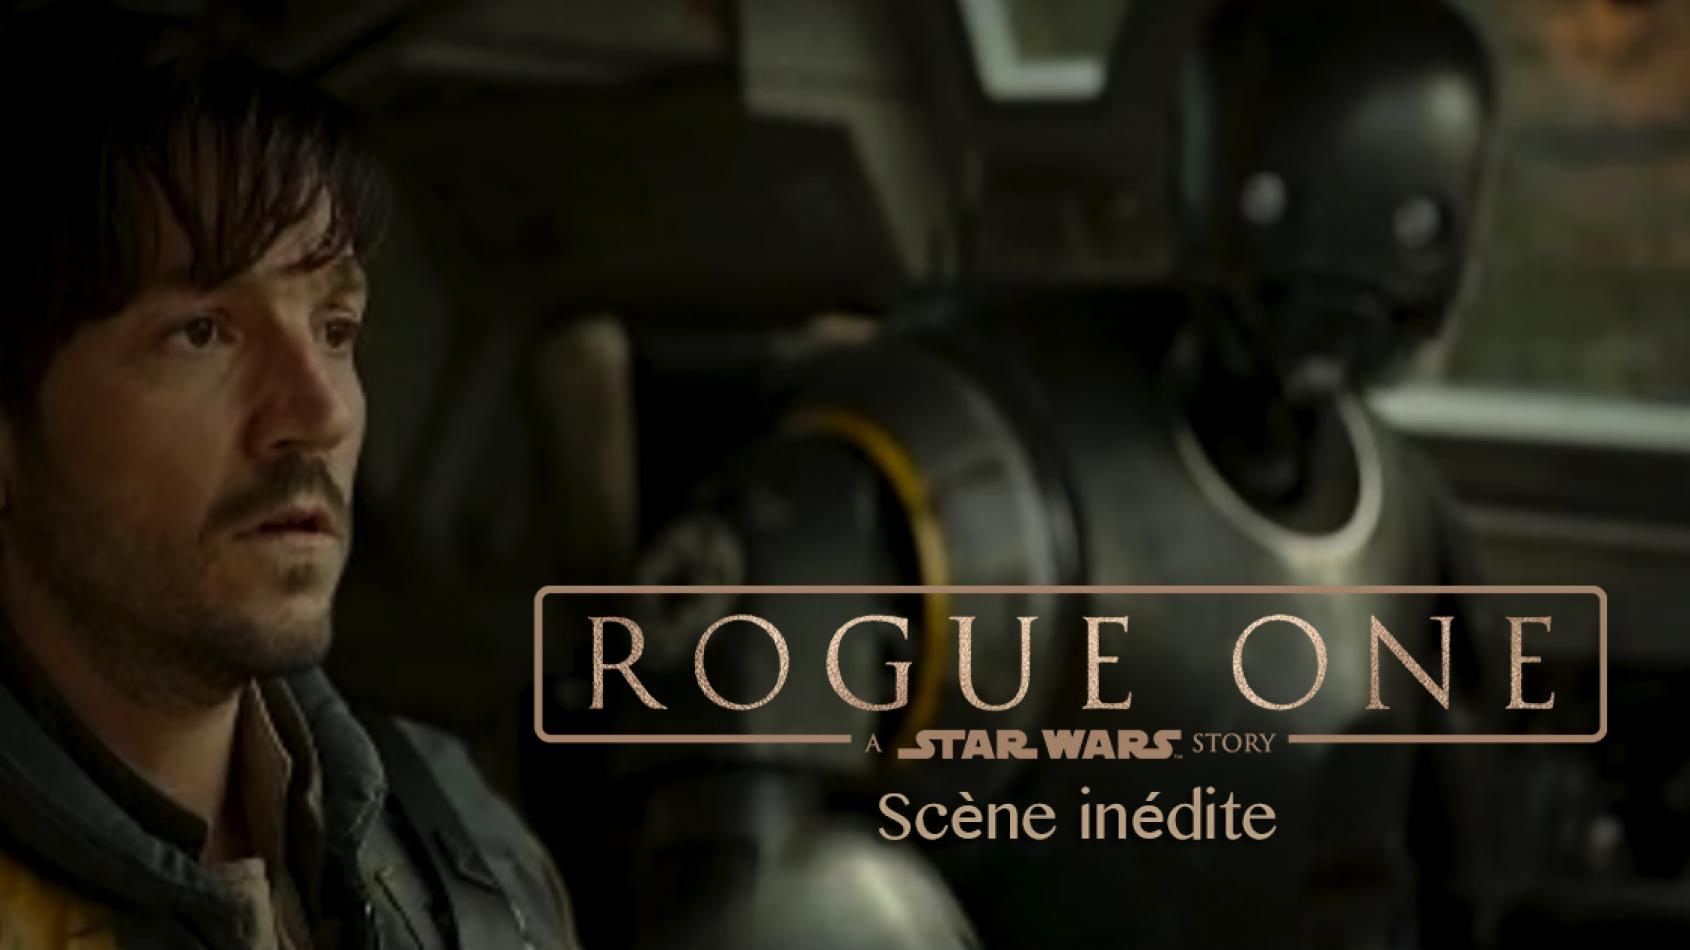 Le cast de Rogue One était en live sur Twitter et Facebook